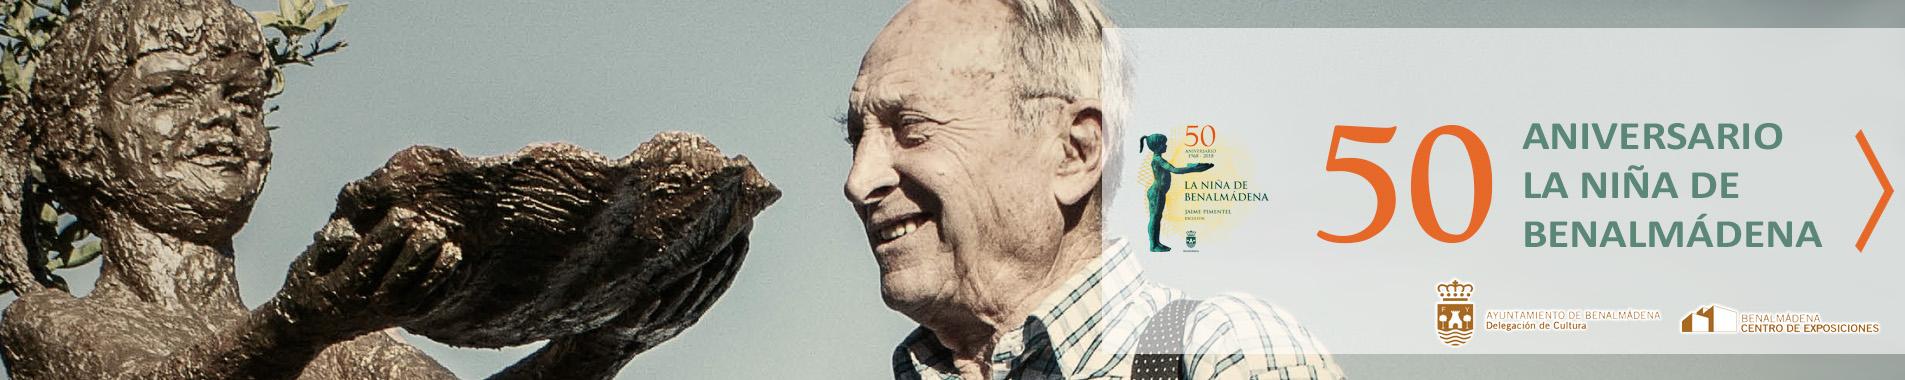 Jaime Pimentel, escultor